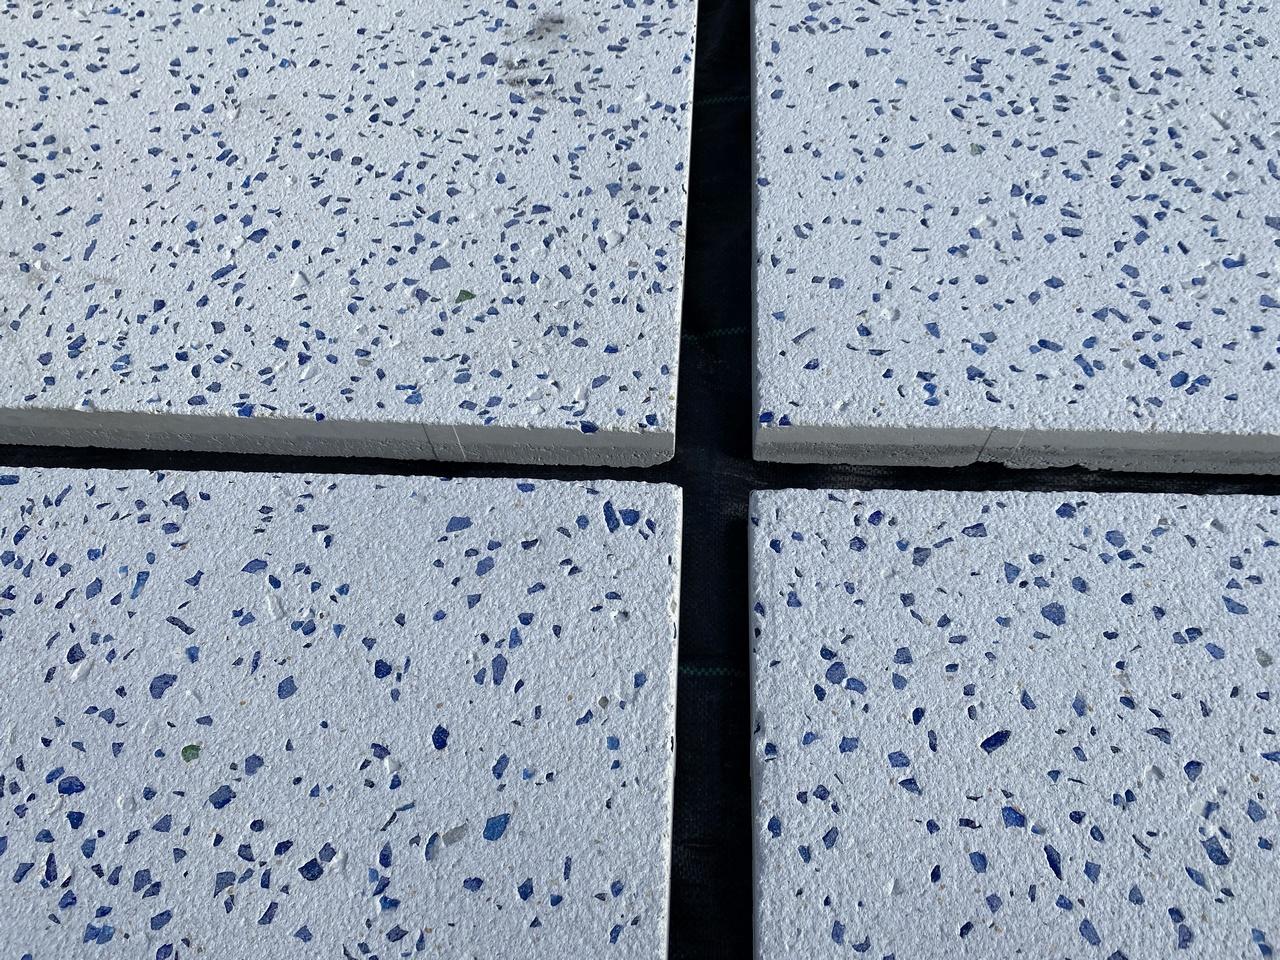 Losa-jardin-grande-blanca-1280×960 (30)